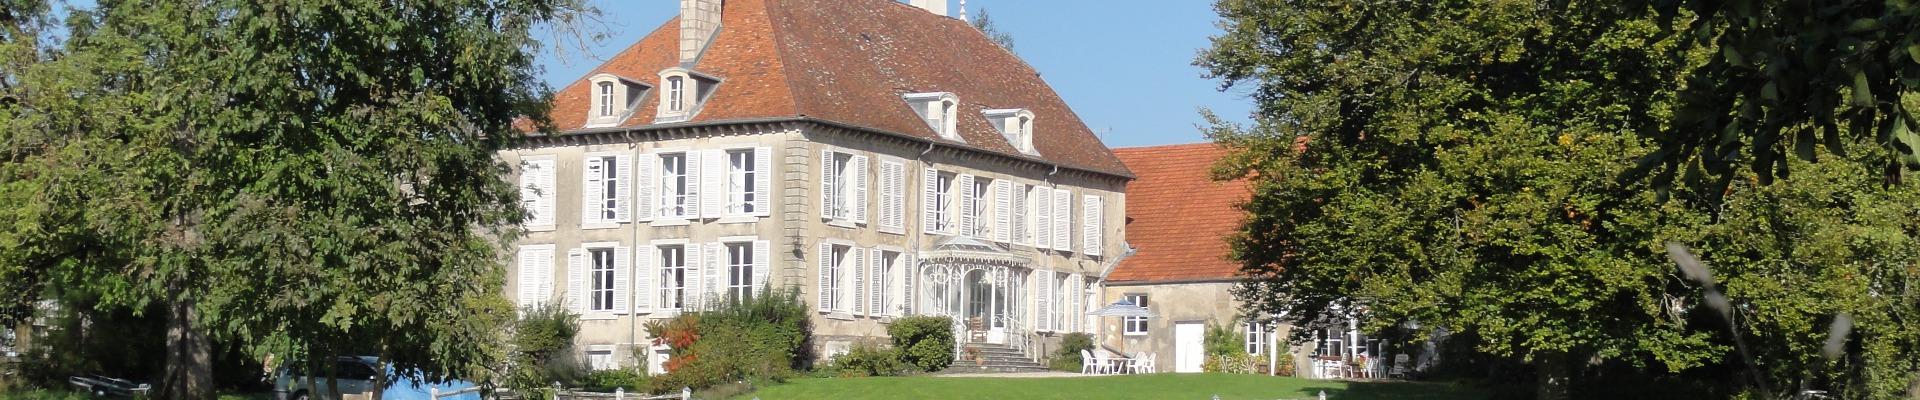 panoramafoto frans landhuis